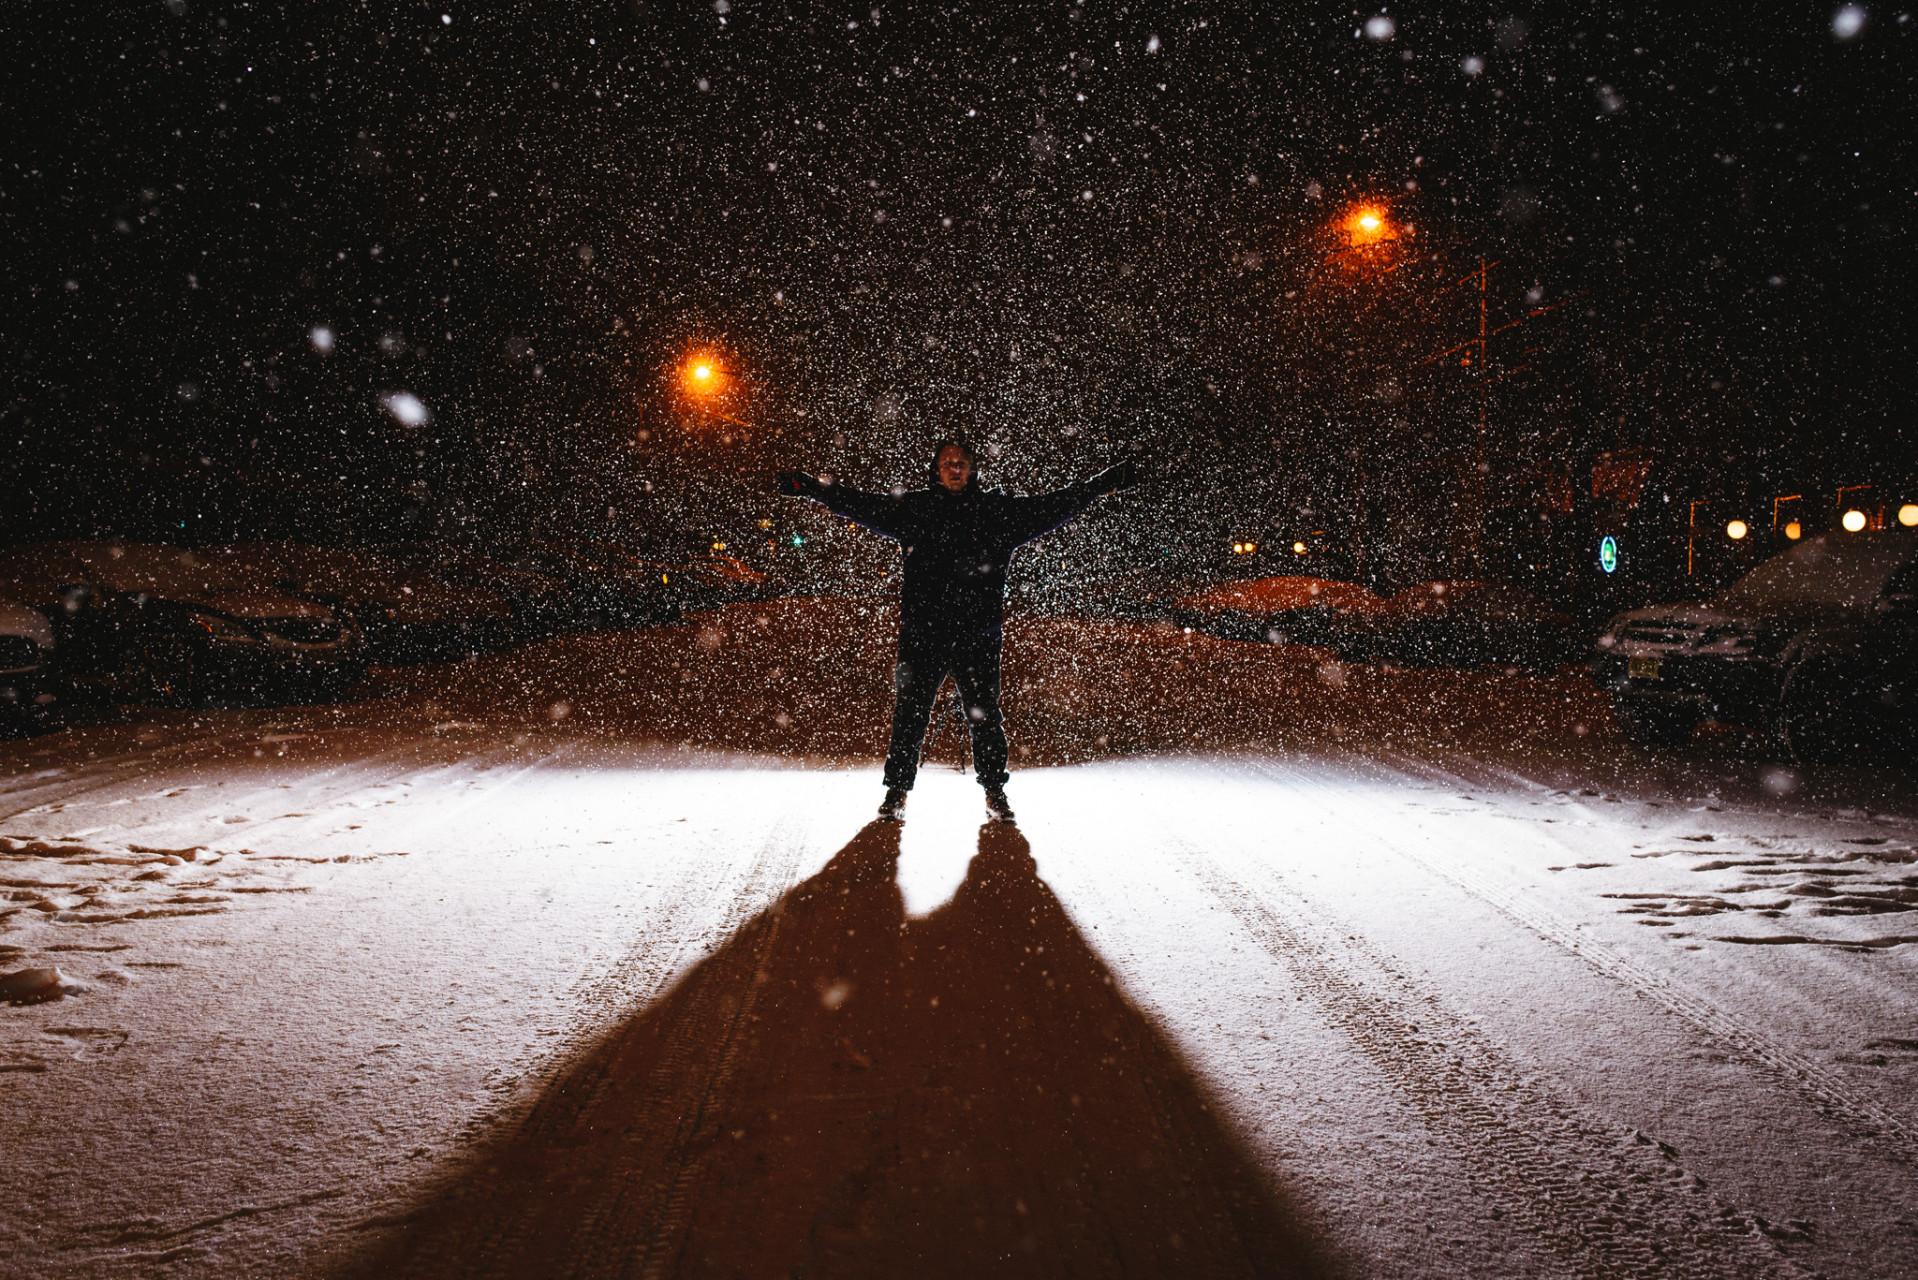 Snowstorm_GARFINKEL-2